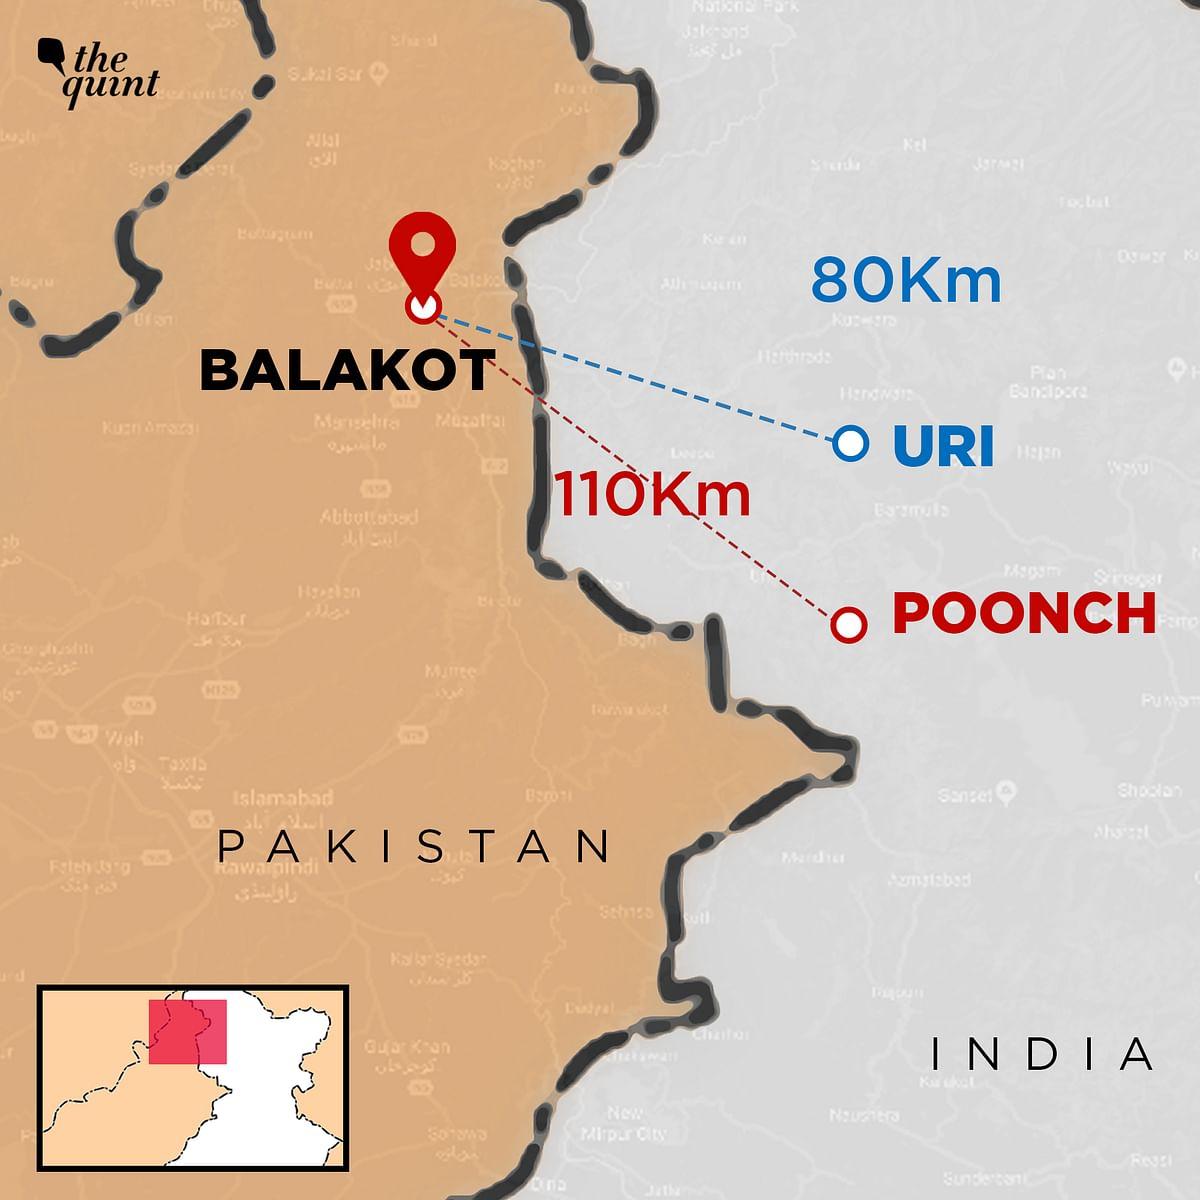 Line of sight distance or crow's flight distance between Uri (India) and Balakot (Pakistan).